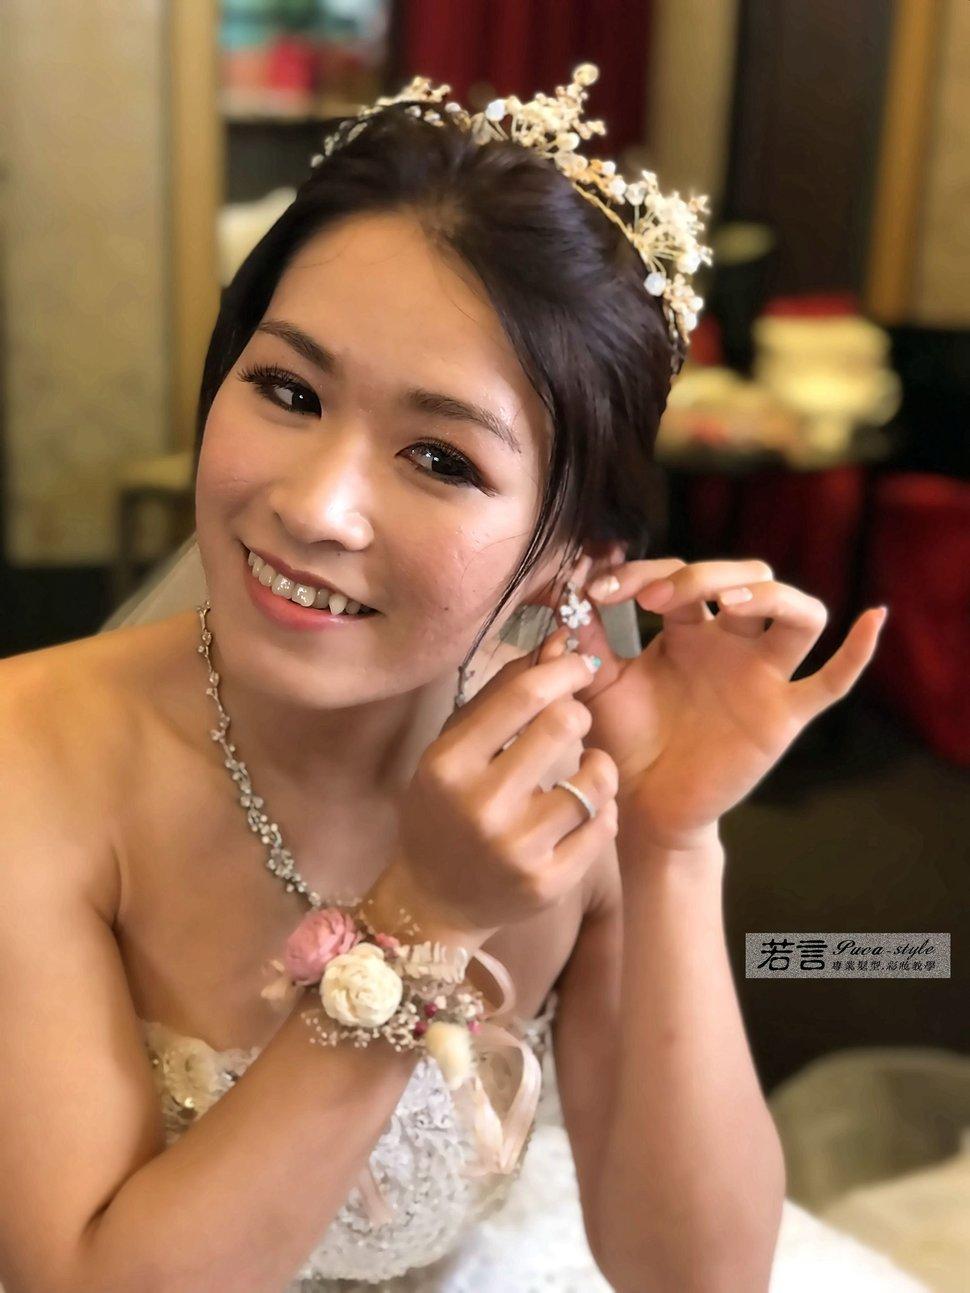 IMG_E7431_副本_副本 - 若言造型團隊-噴槍底妝/陶瓷妝感 - 結婚吧